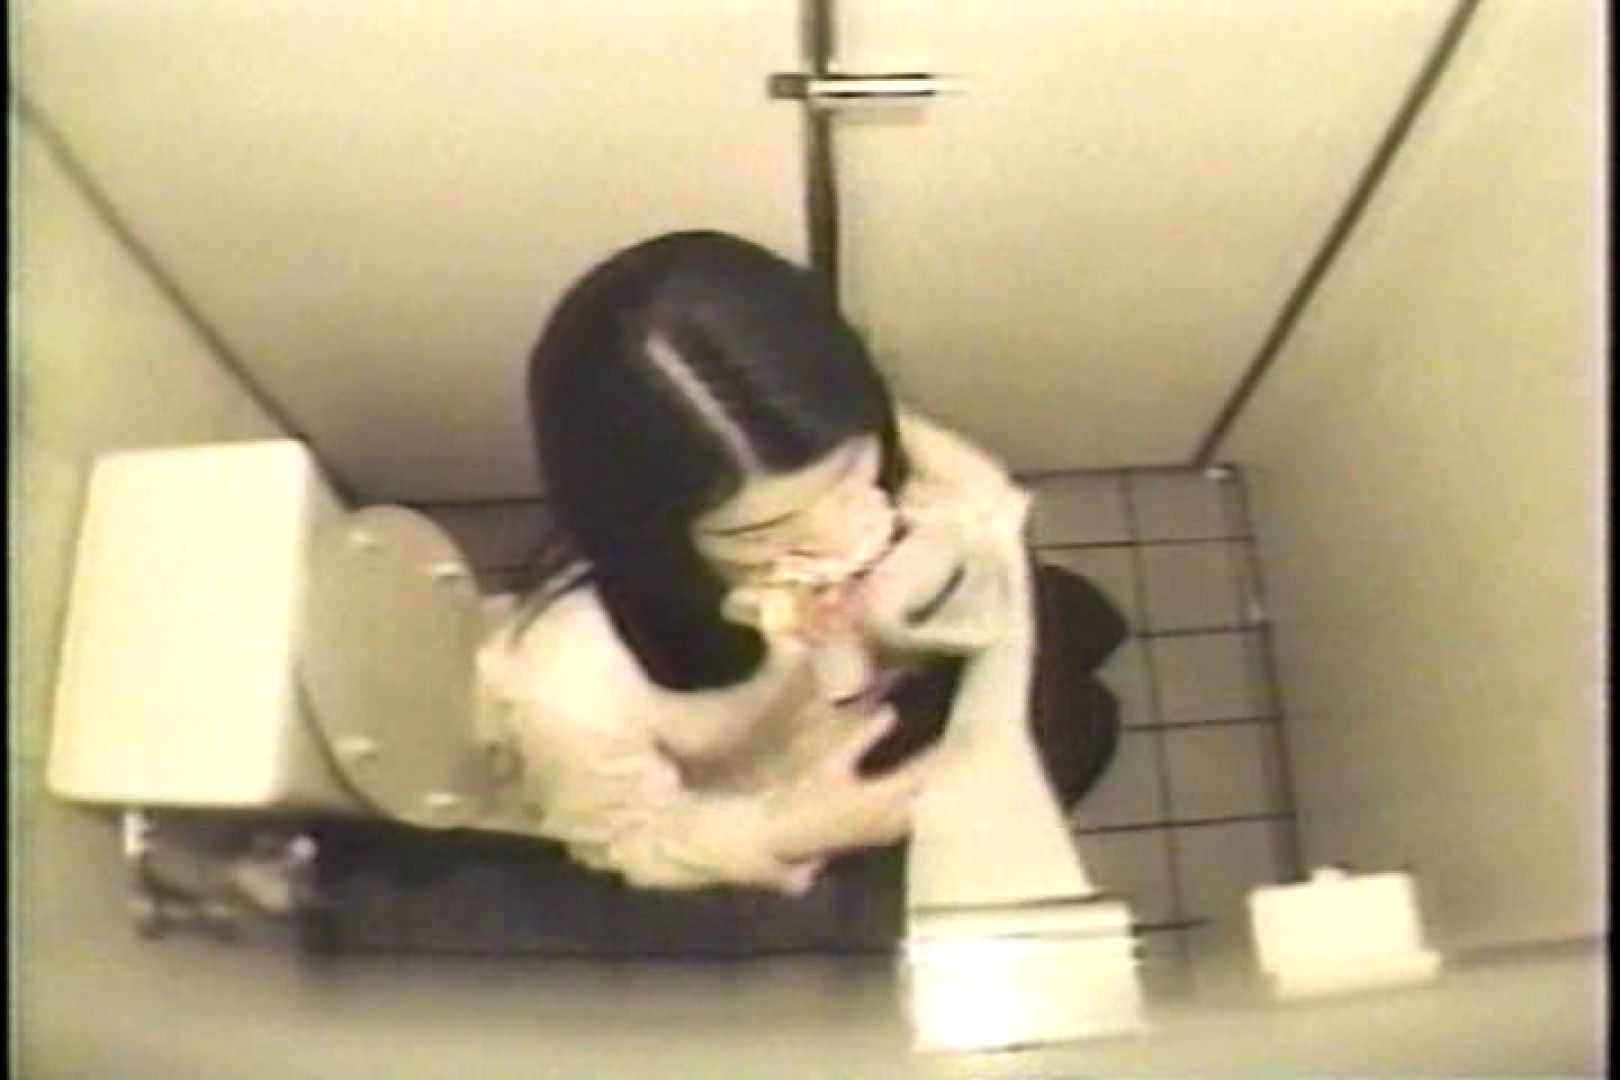 盗撮 女子洗面所3ヶ所入ってしゃがんで音出して プライベート   和式  109連発 73